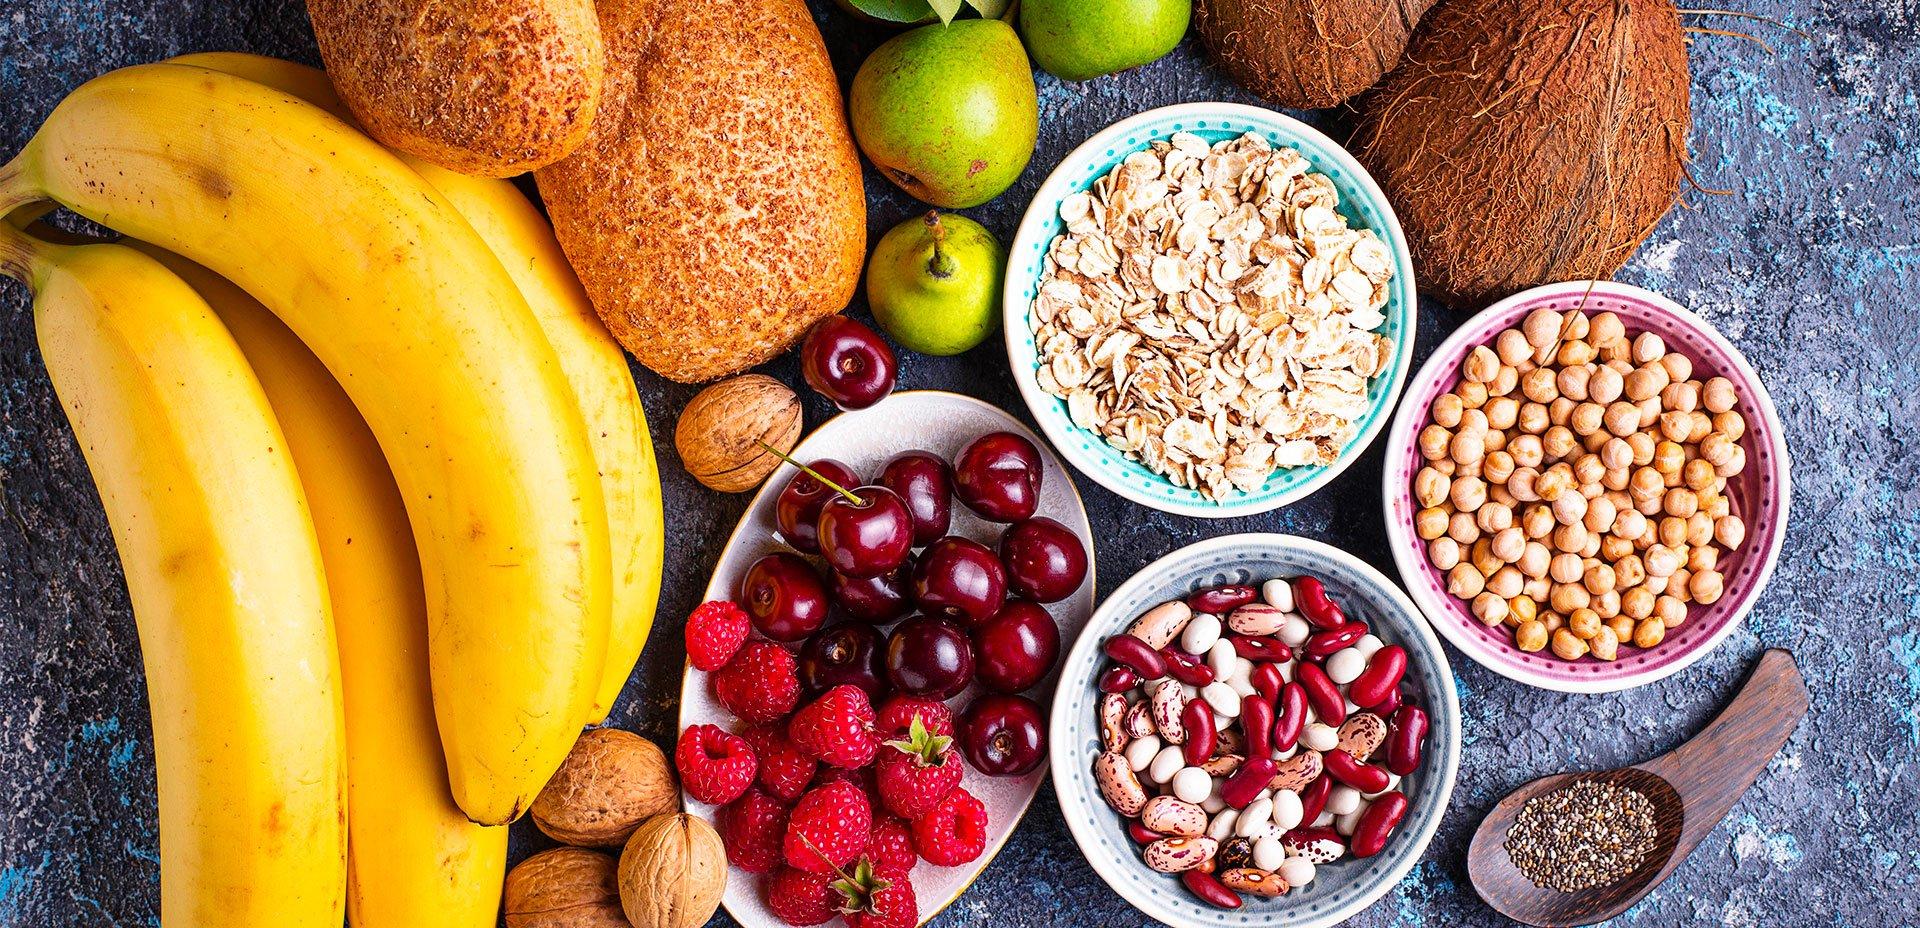 fibre alimentari cucina vegetariana vegana